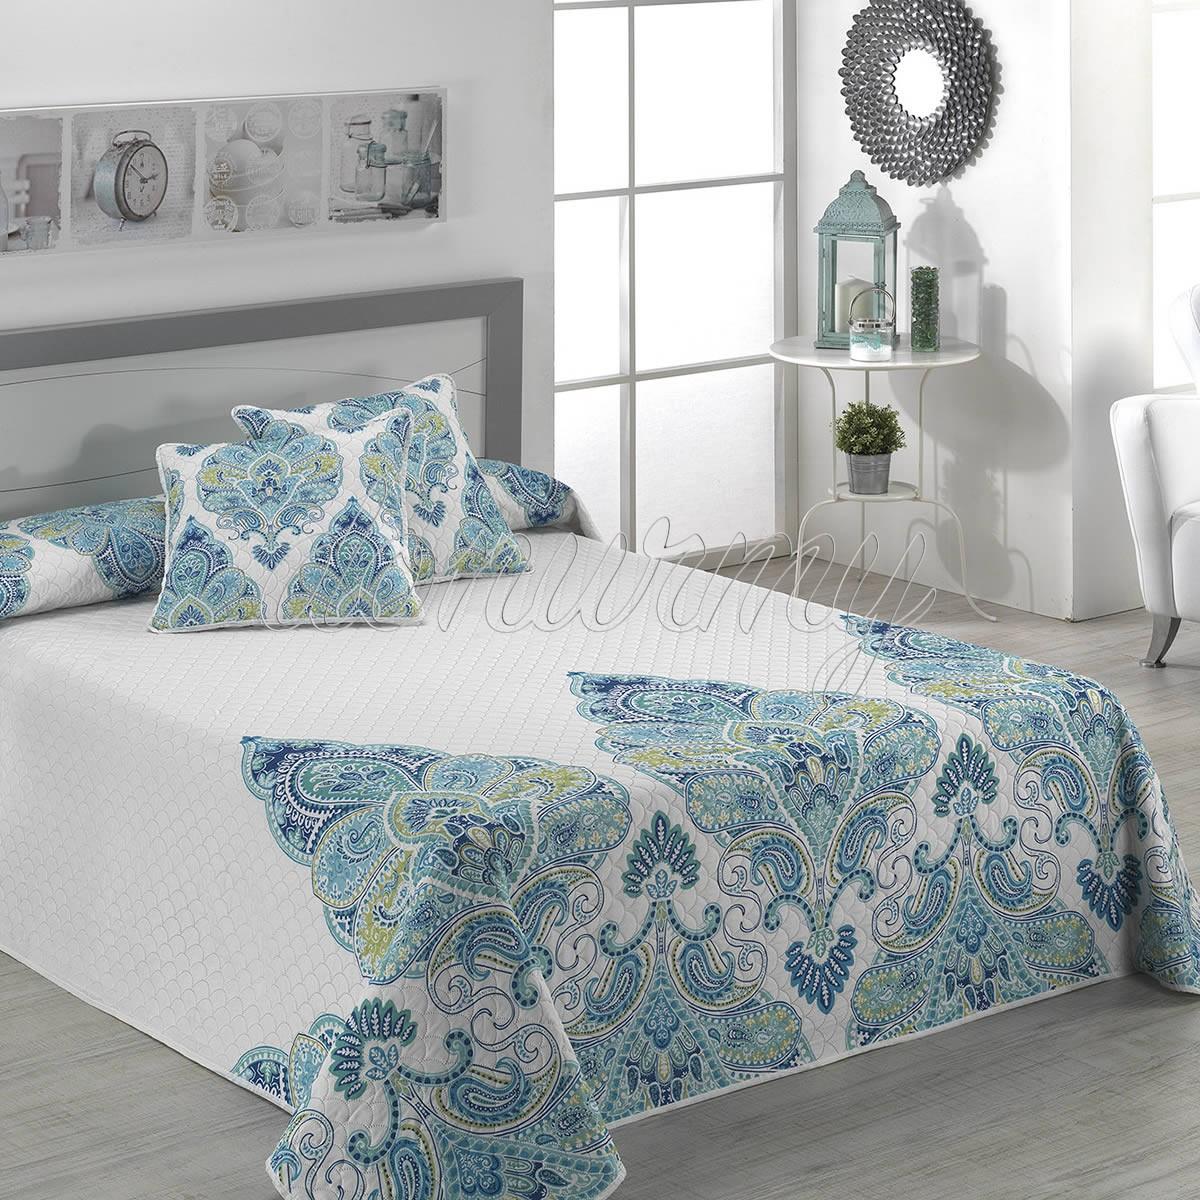 Nueva colecci n en ropa de cama textils mora donurmy - Ropa de cama para hosteleria ...